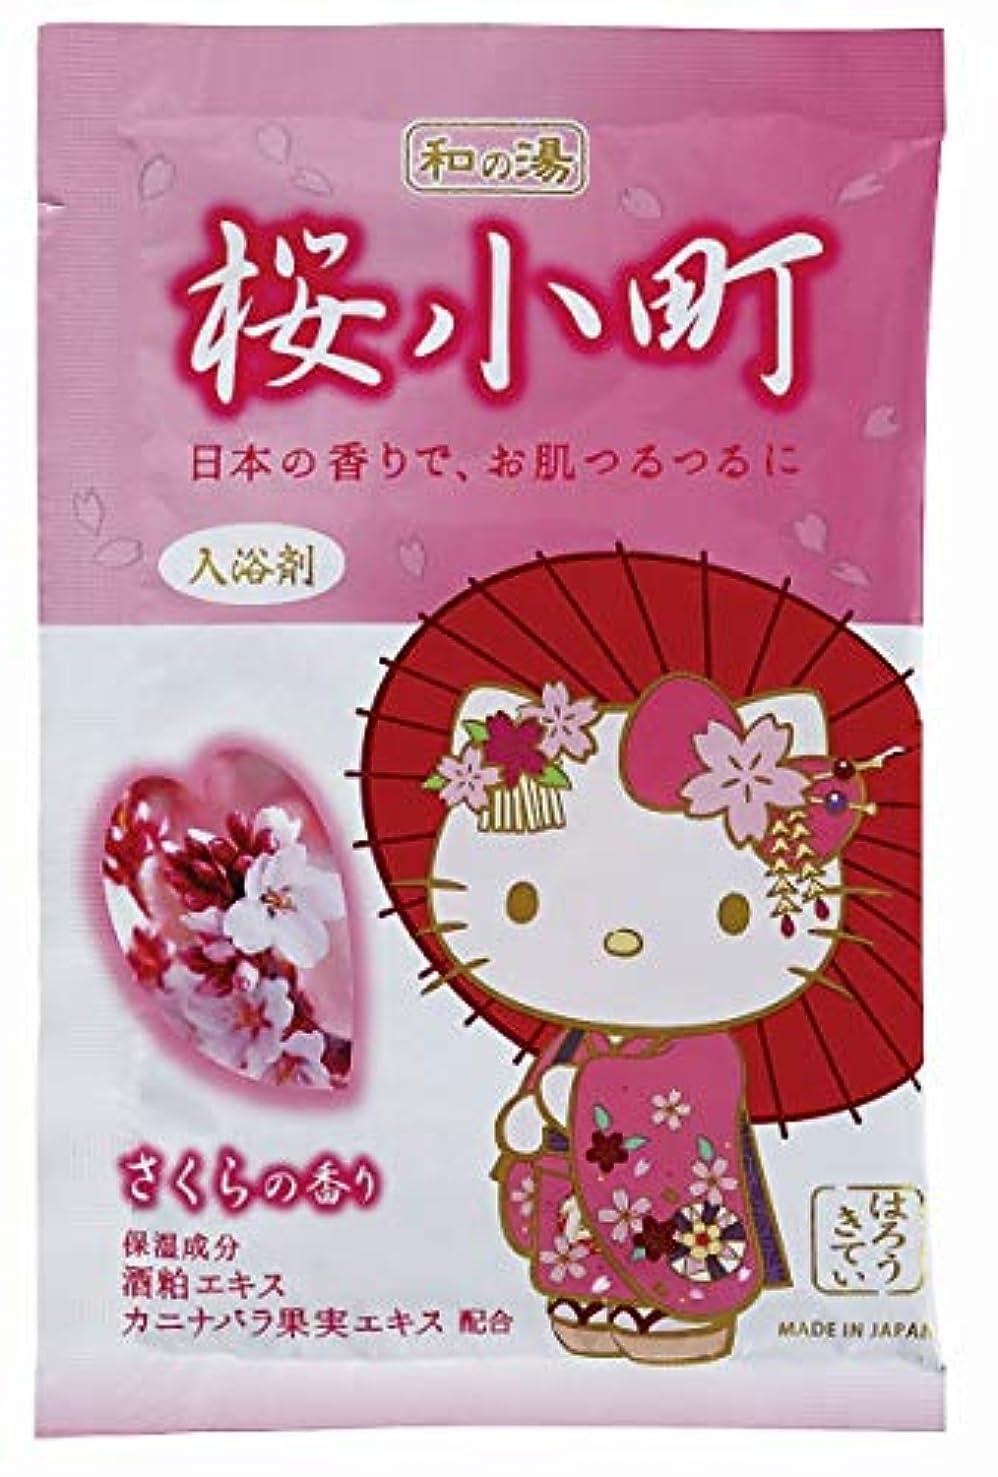 神染色変化する日本製 made in japan ハローキティ桜小町 N-8722【まとめ買い12個セット】